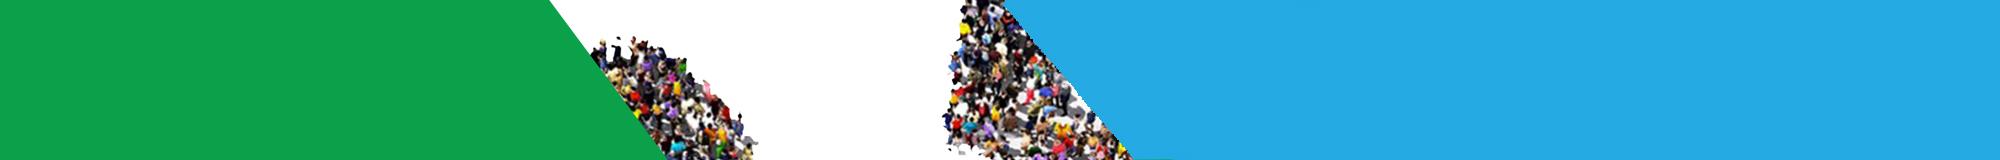 Imagen de apoyo de color azul y verde para la página de Inversionistas en México.